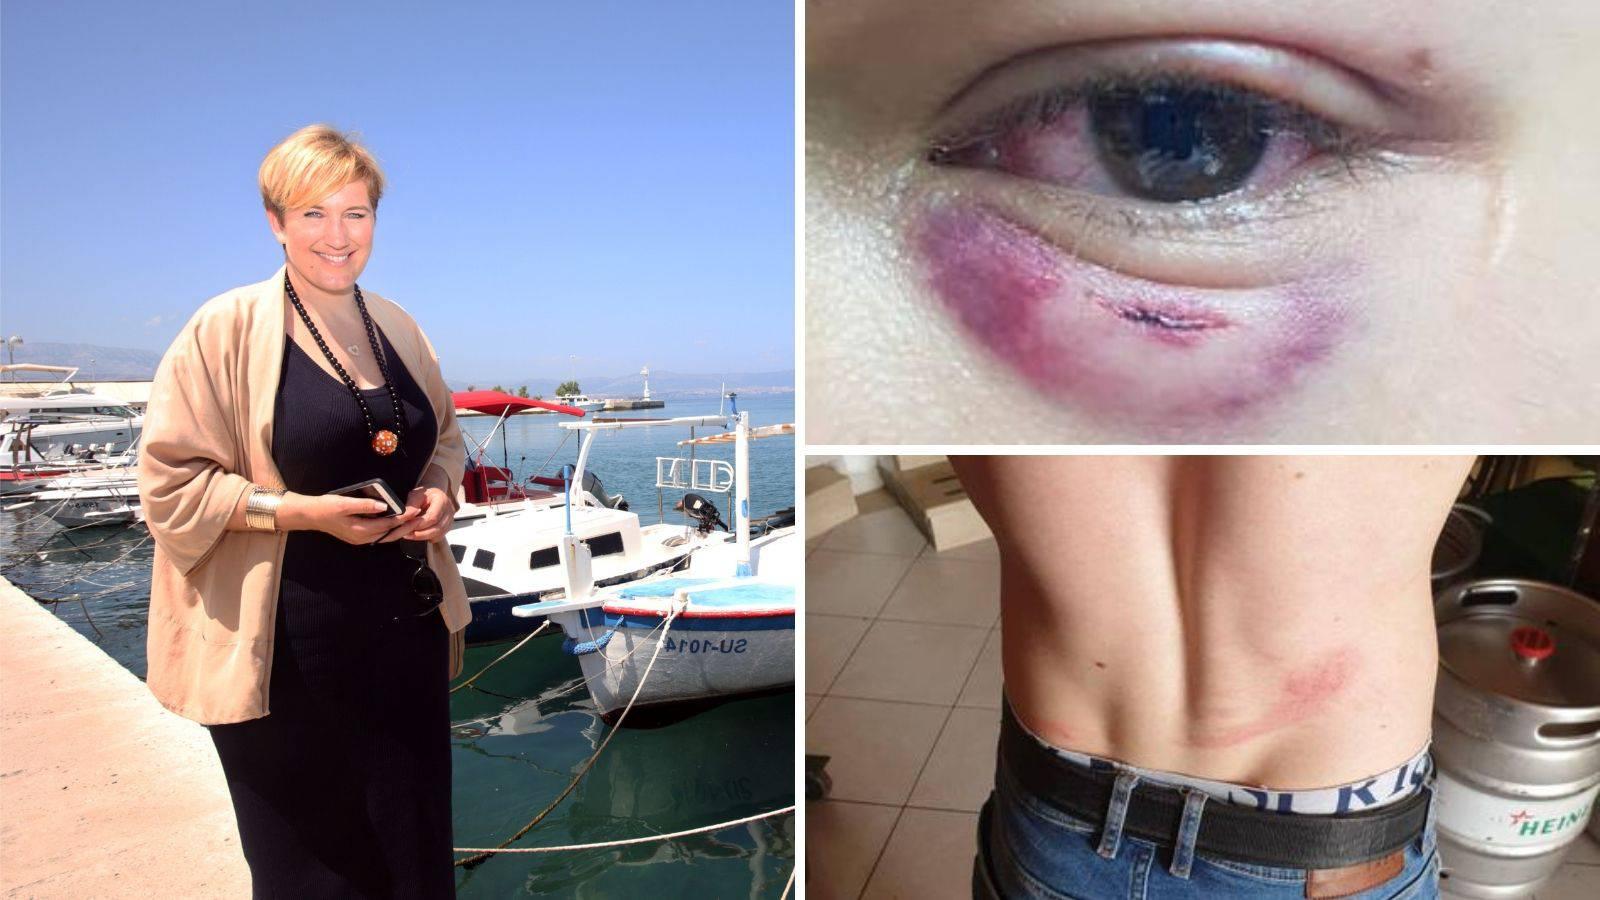 Žena koja je rekla ne ustašama i huliganima: Osuđujem napad!